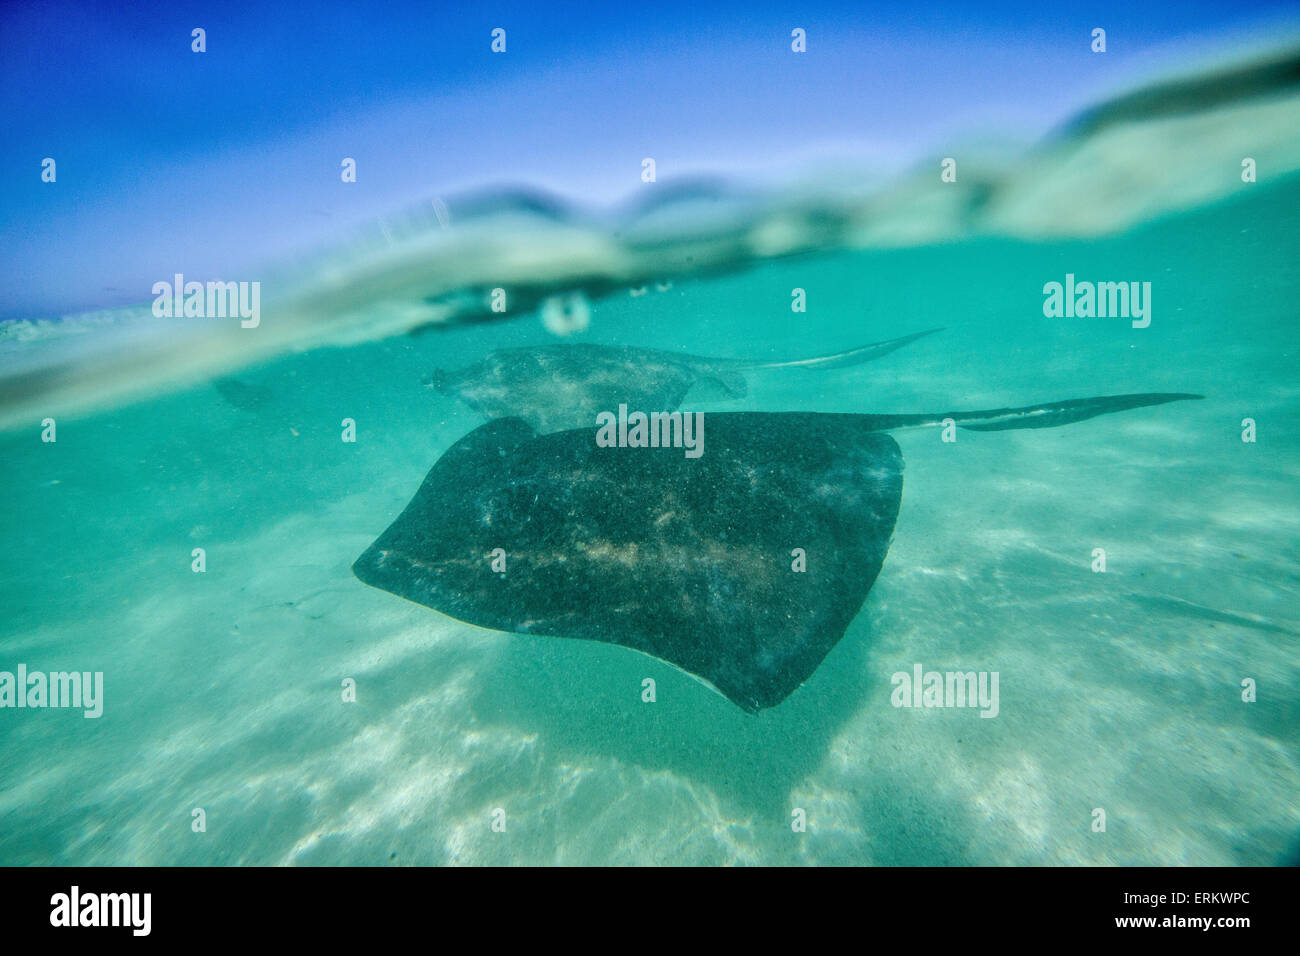 Snap sull'acqua a Stingray City, una riserva che ospita decine di stingray volteggiare nella laguna poco profonda, Immagini Stock